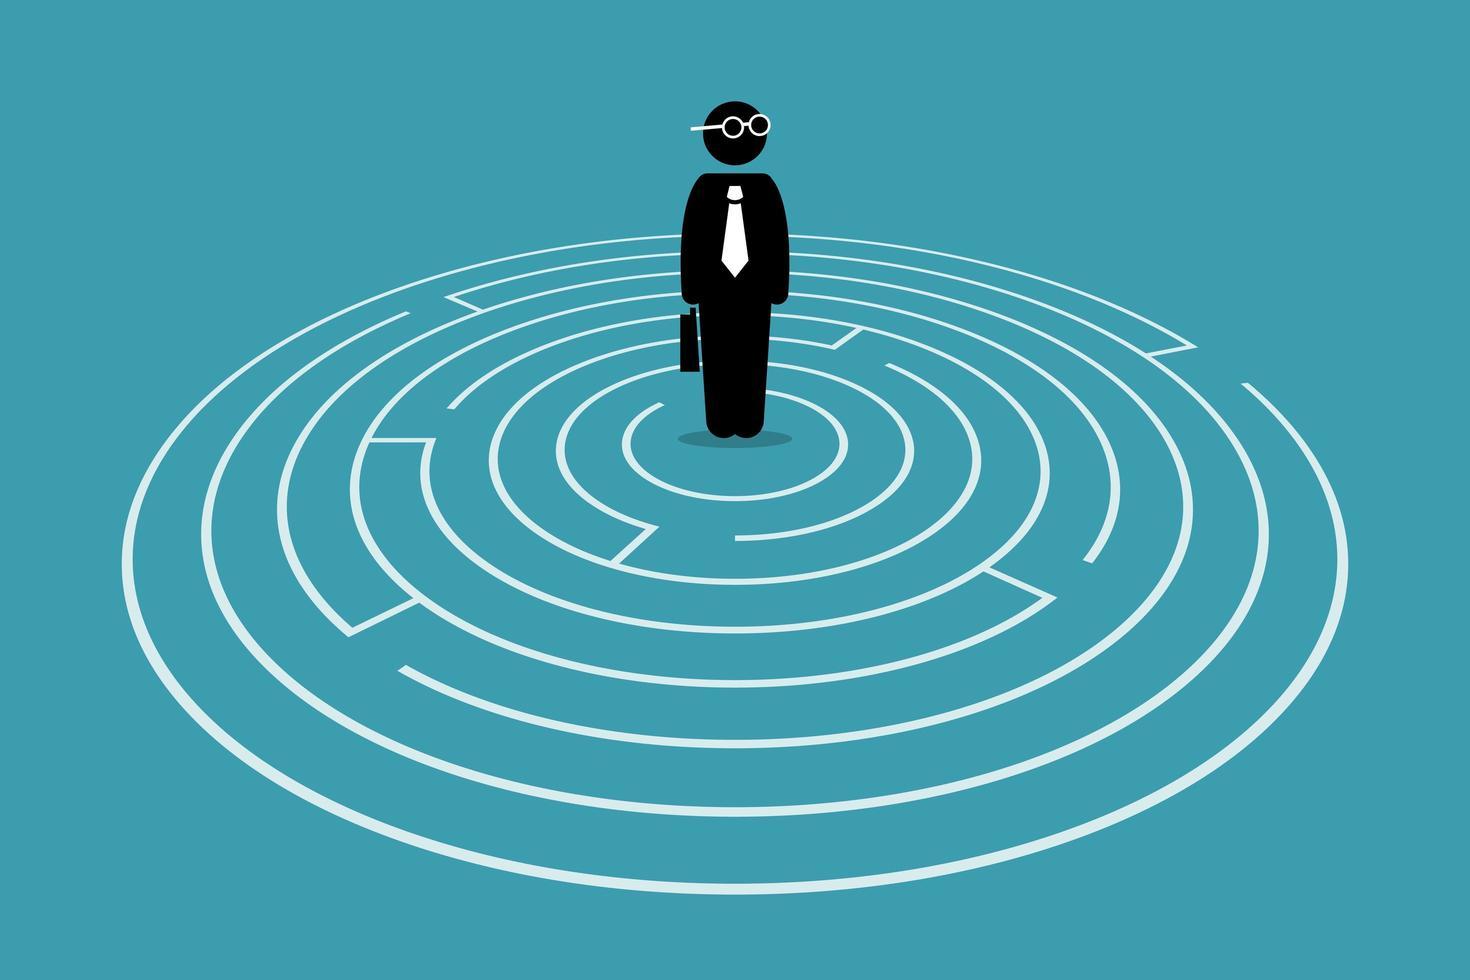 empresário de pé no centro de um labirinto. vetor